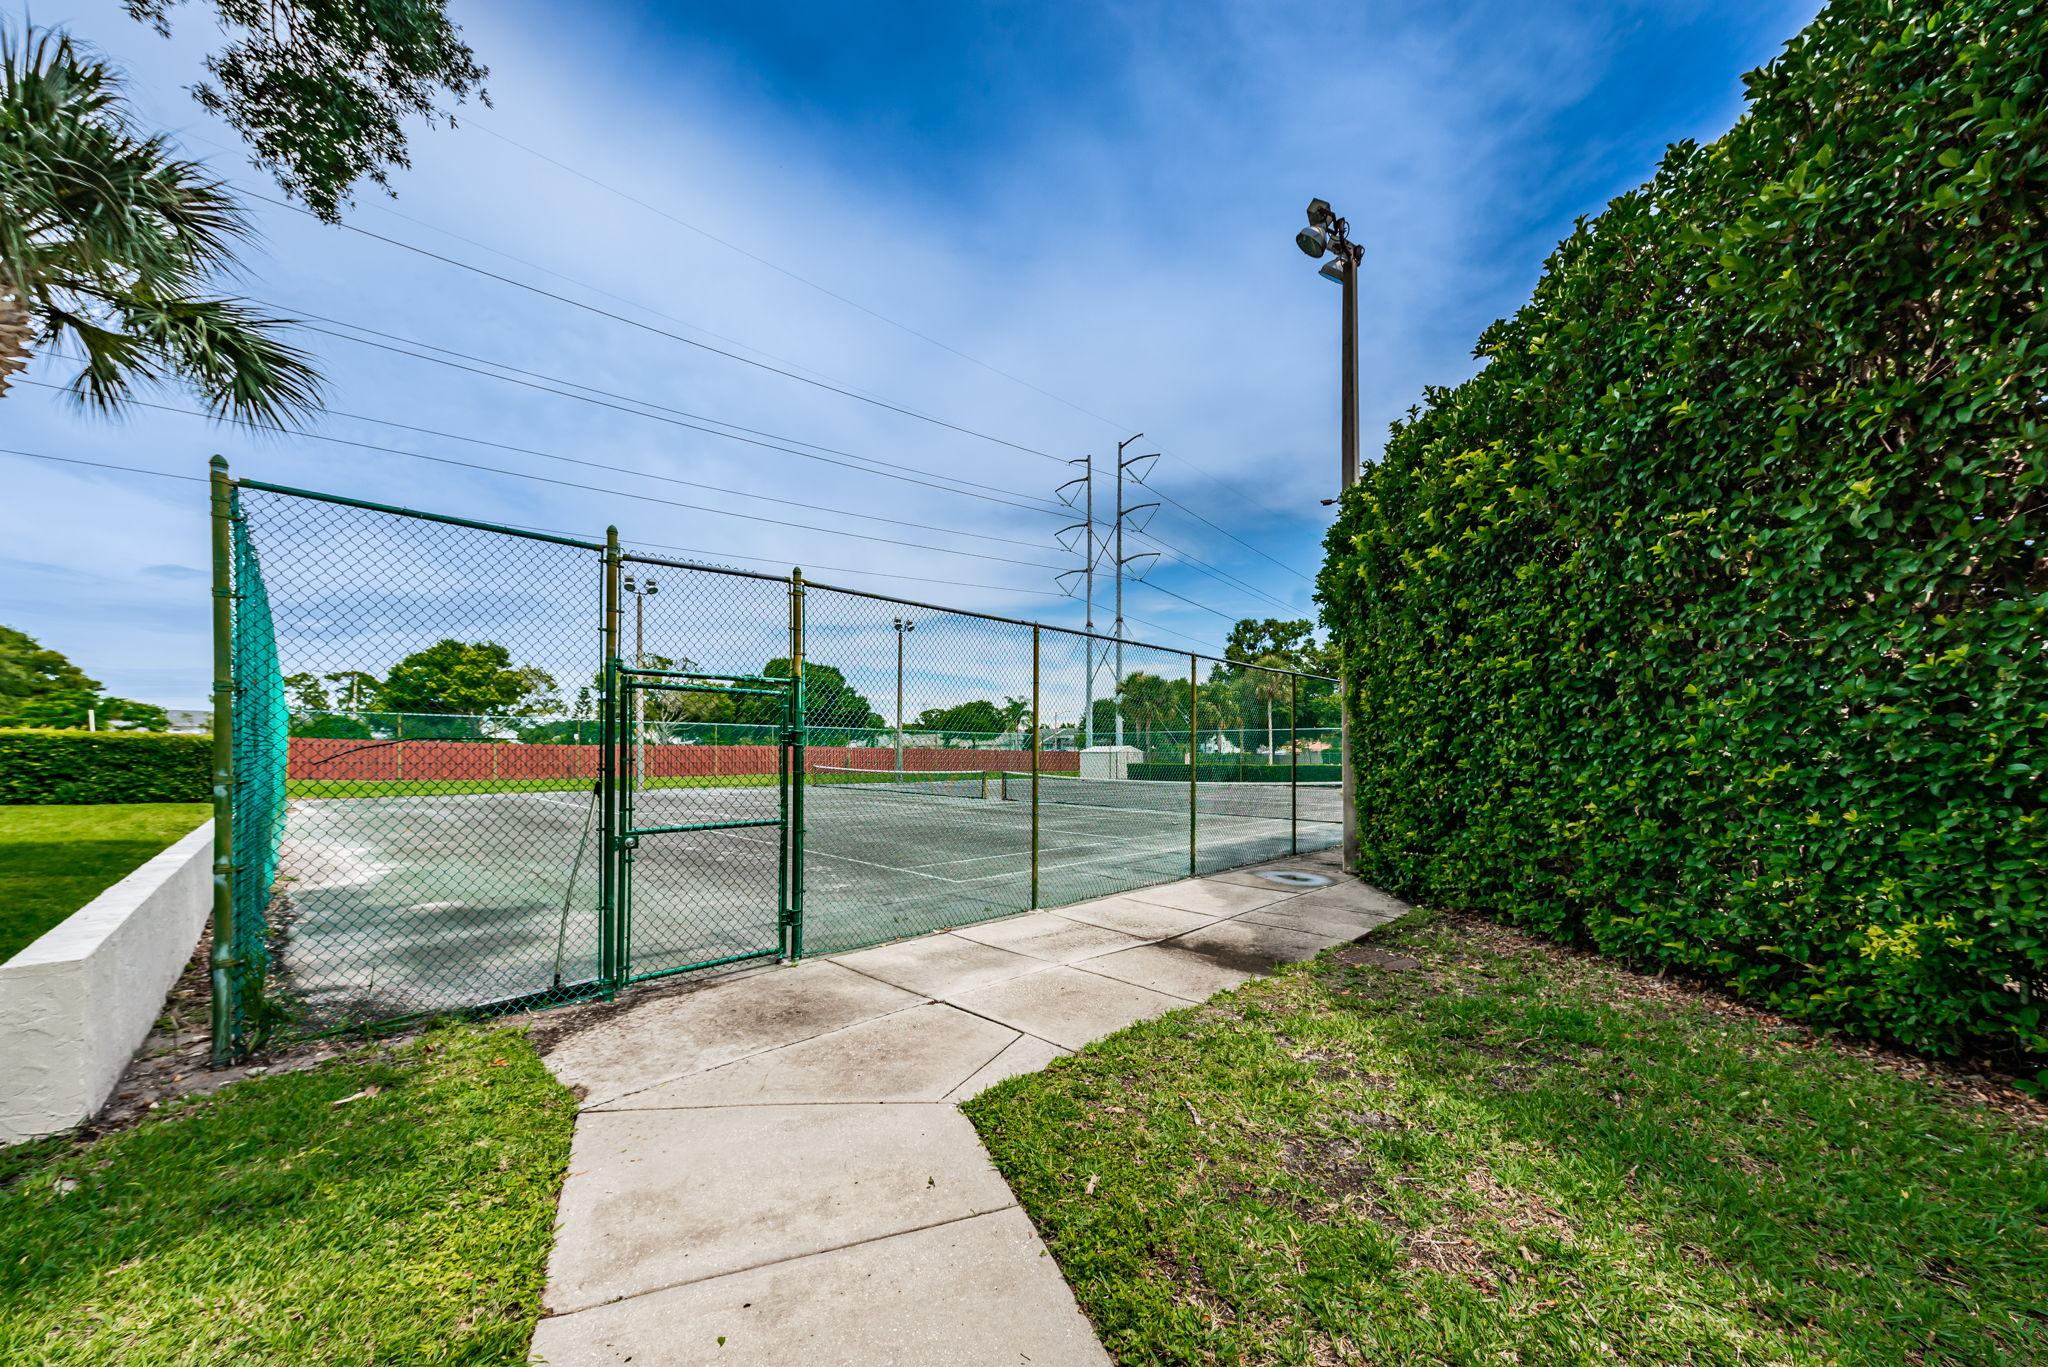 6-Tennis Court